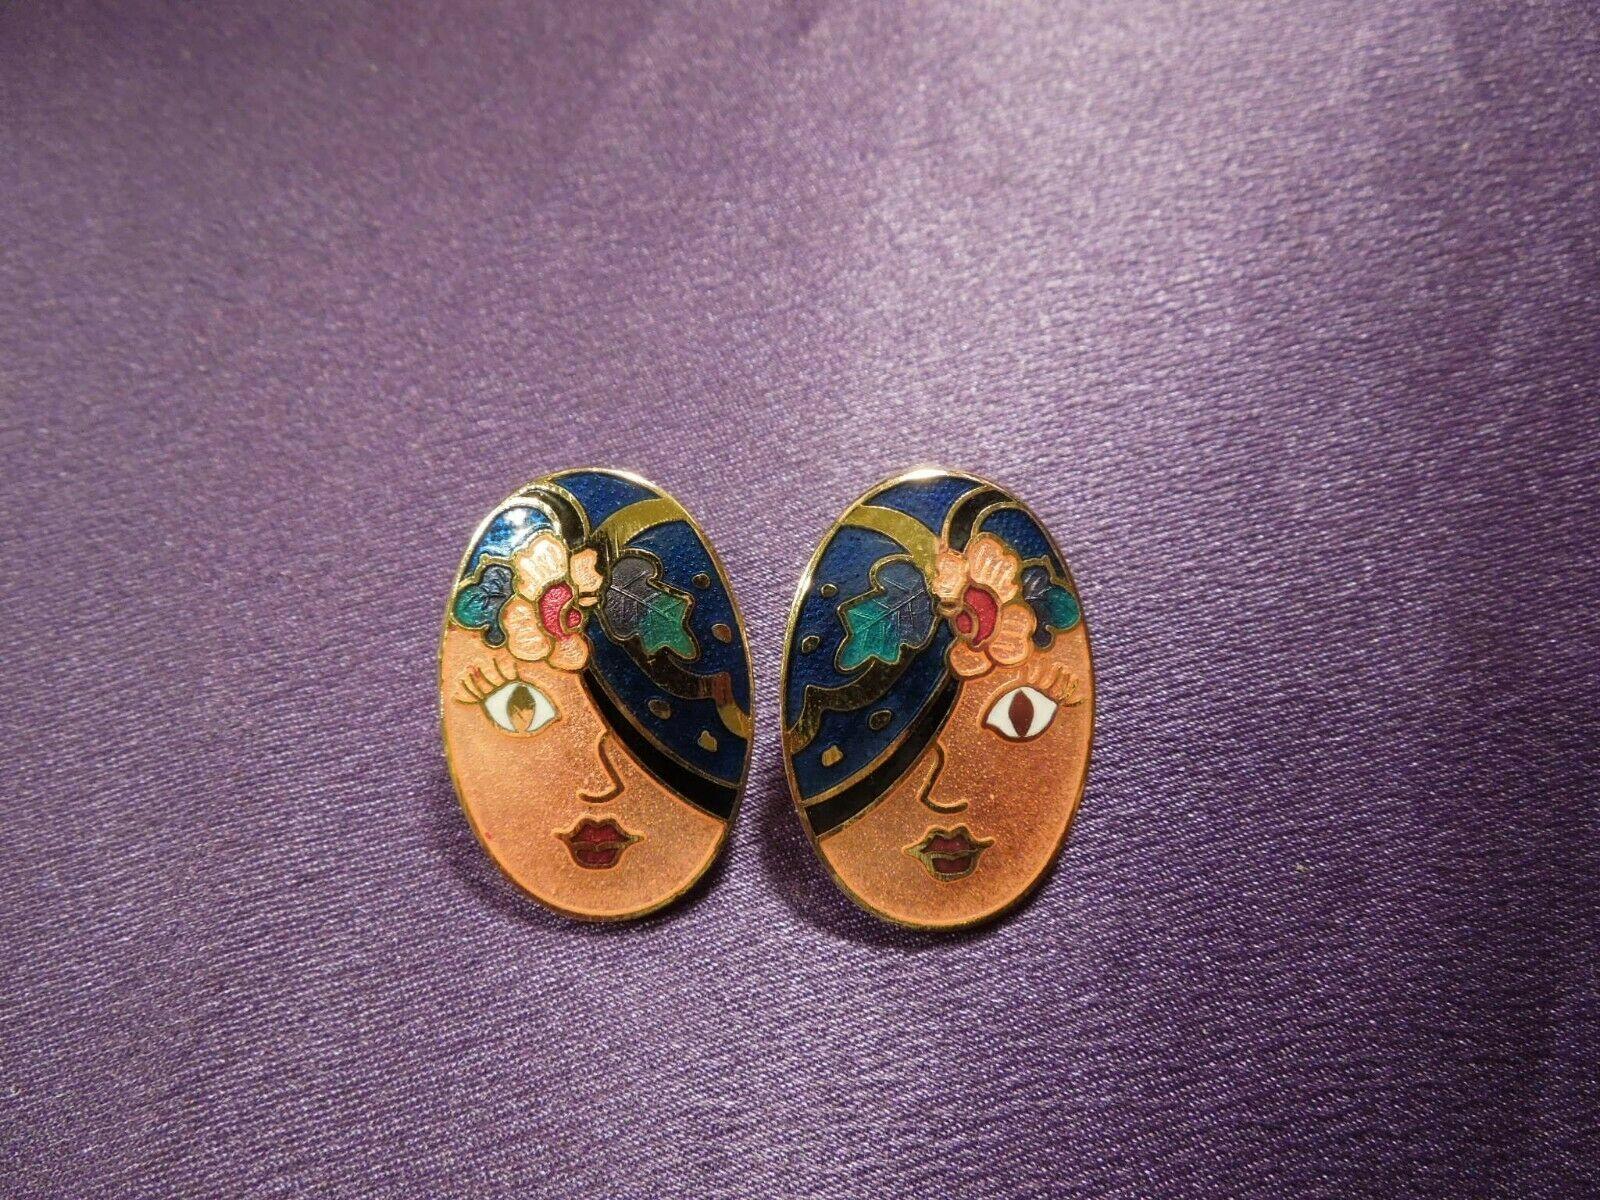 Vintage Enamel Gypsy Fortune Teller Face W/ Scarf Over Eye Oval Stud Earrings